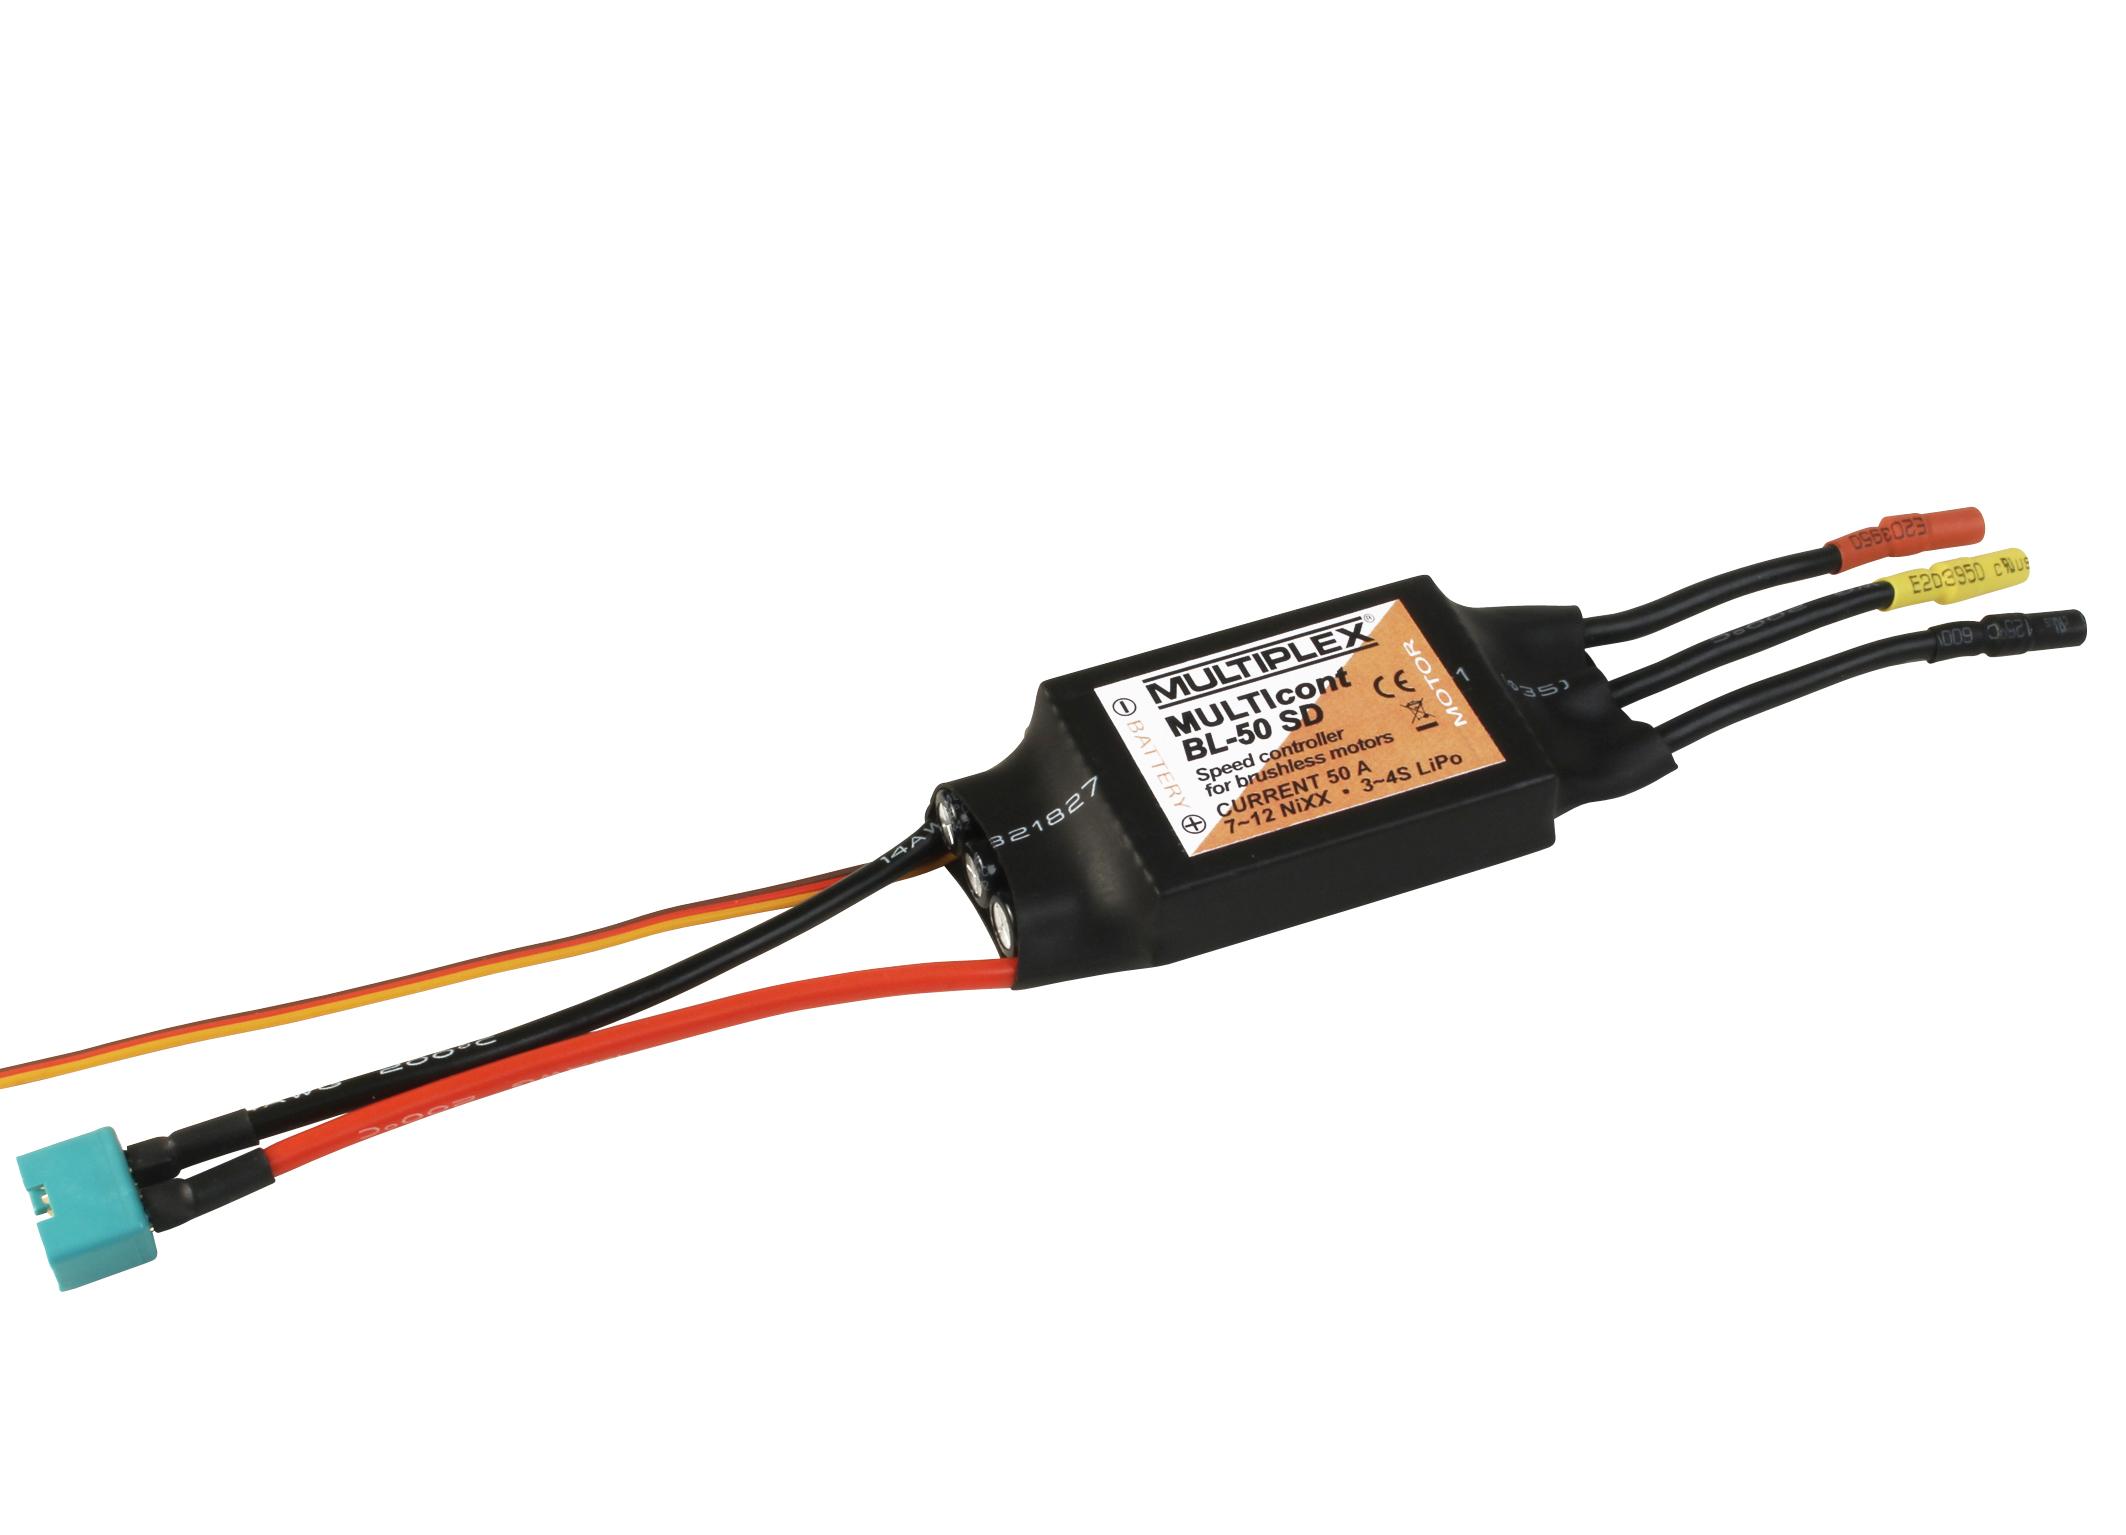 Multiplex Regler MULTIcont BL-50 SD